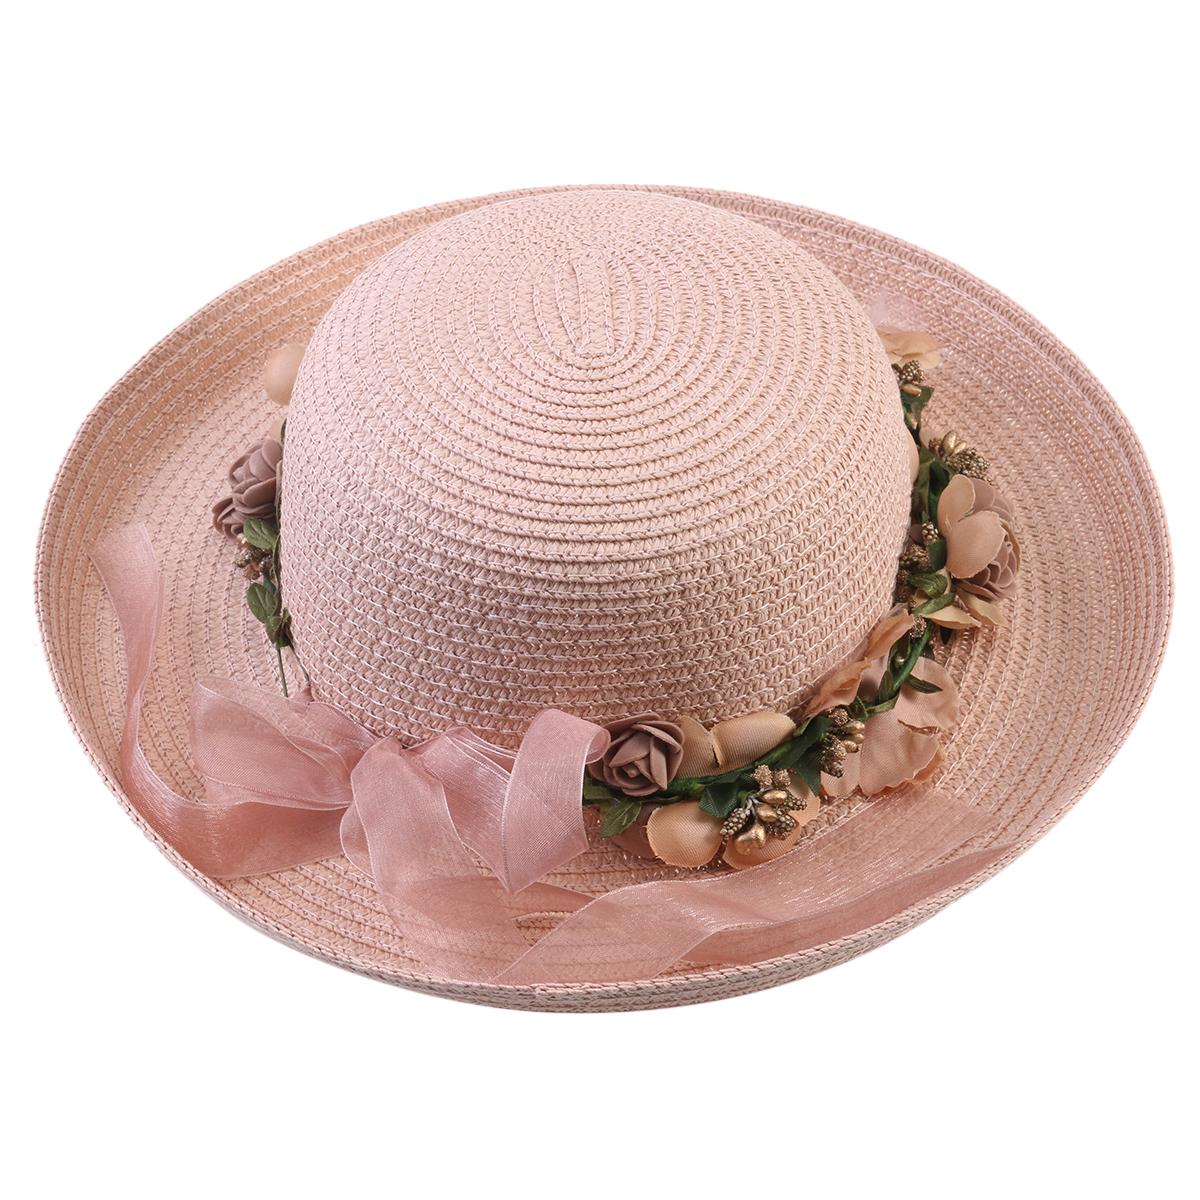 1d2d3412 Pixnor - Women Lady Wide Brim Hat Summer Beach Straw Cap Sun Floppy Hats  for Adults (Flesh Pink Garland) - Walmart.com